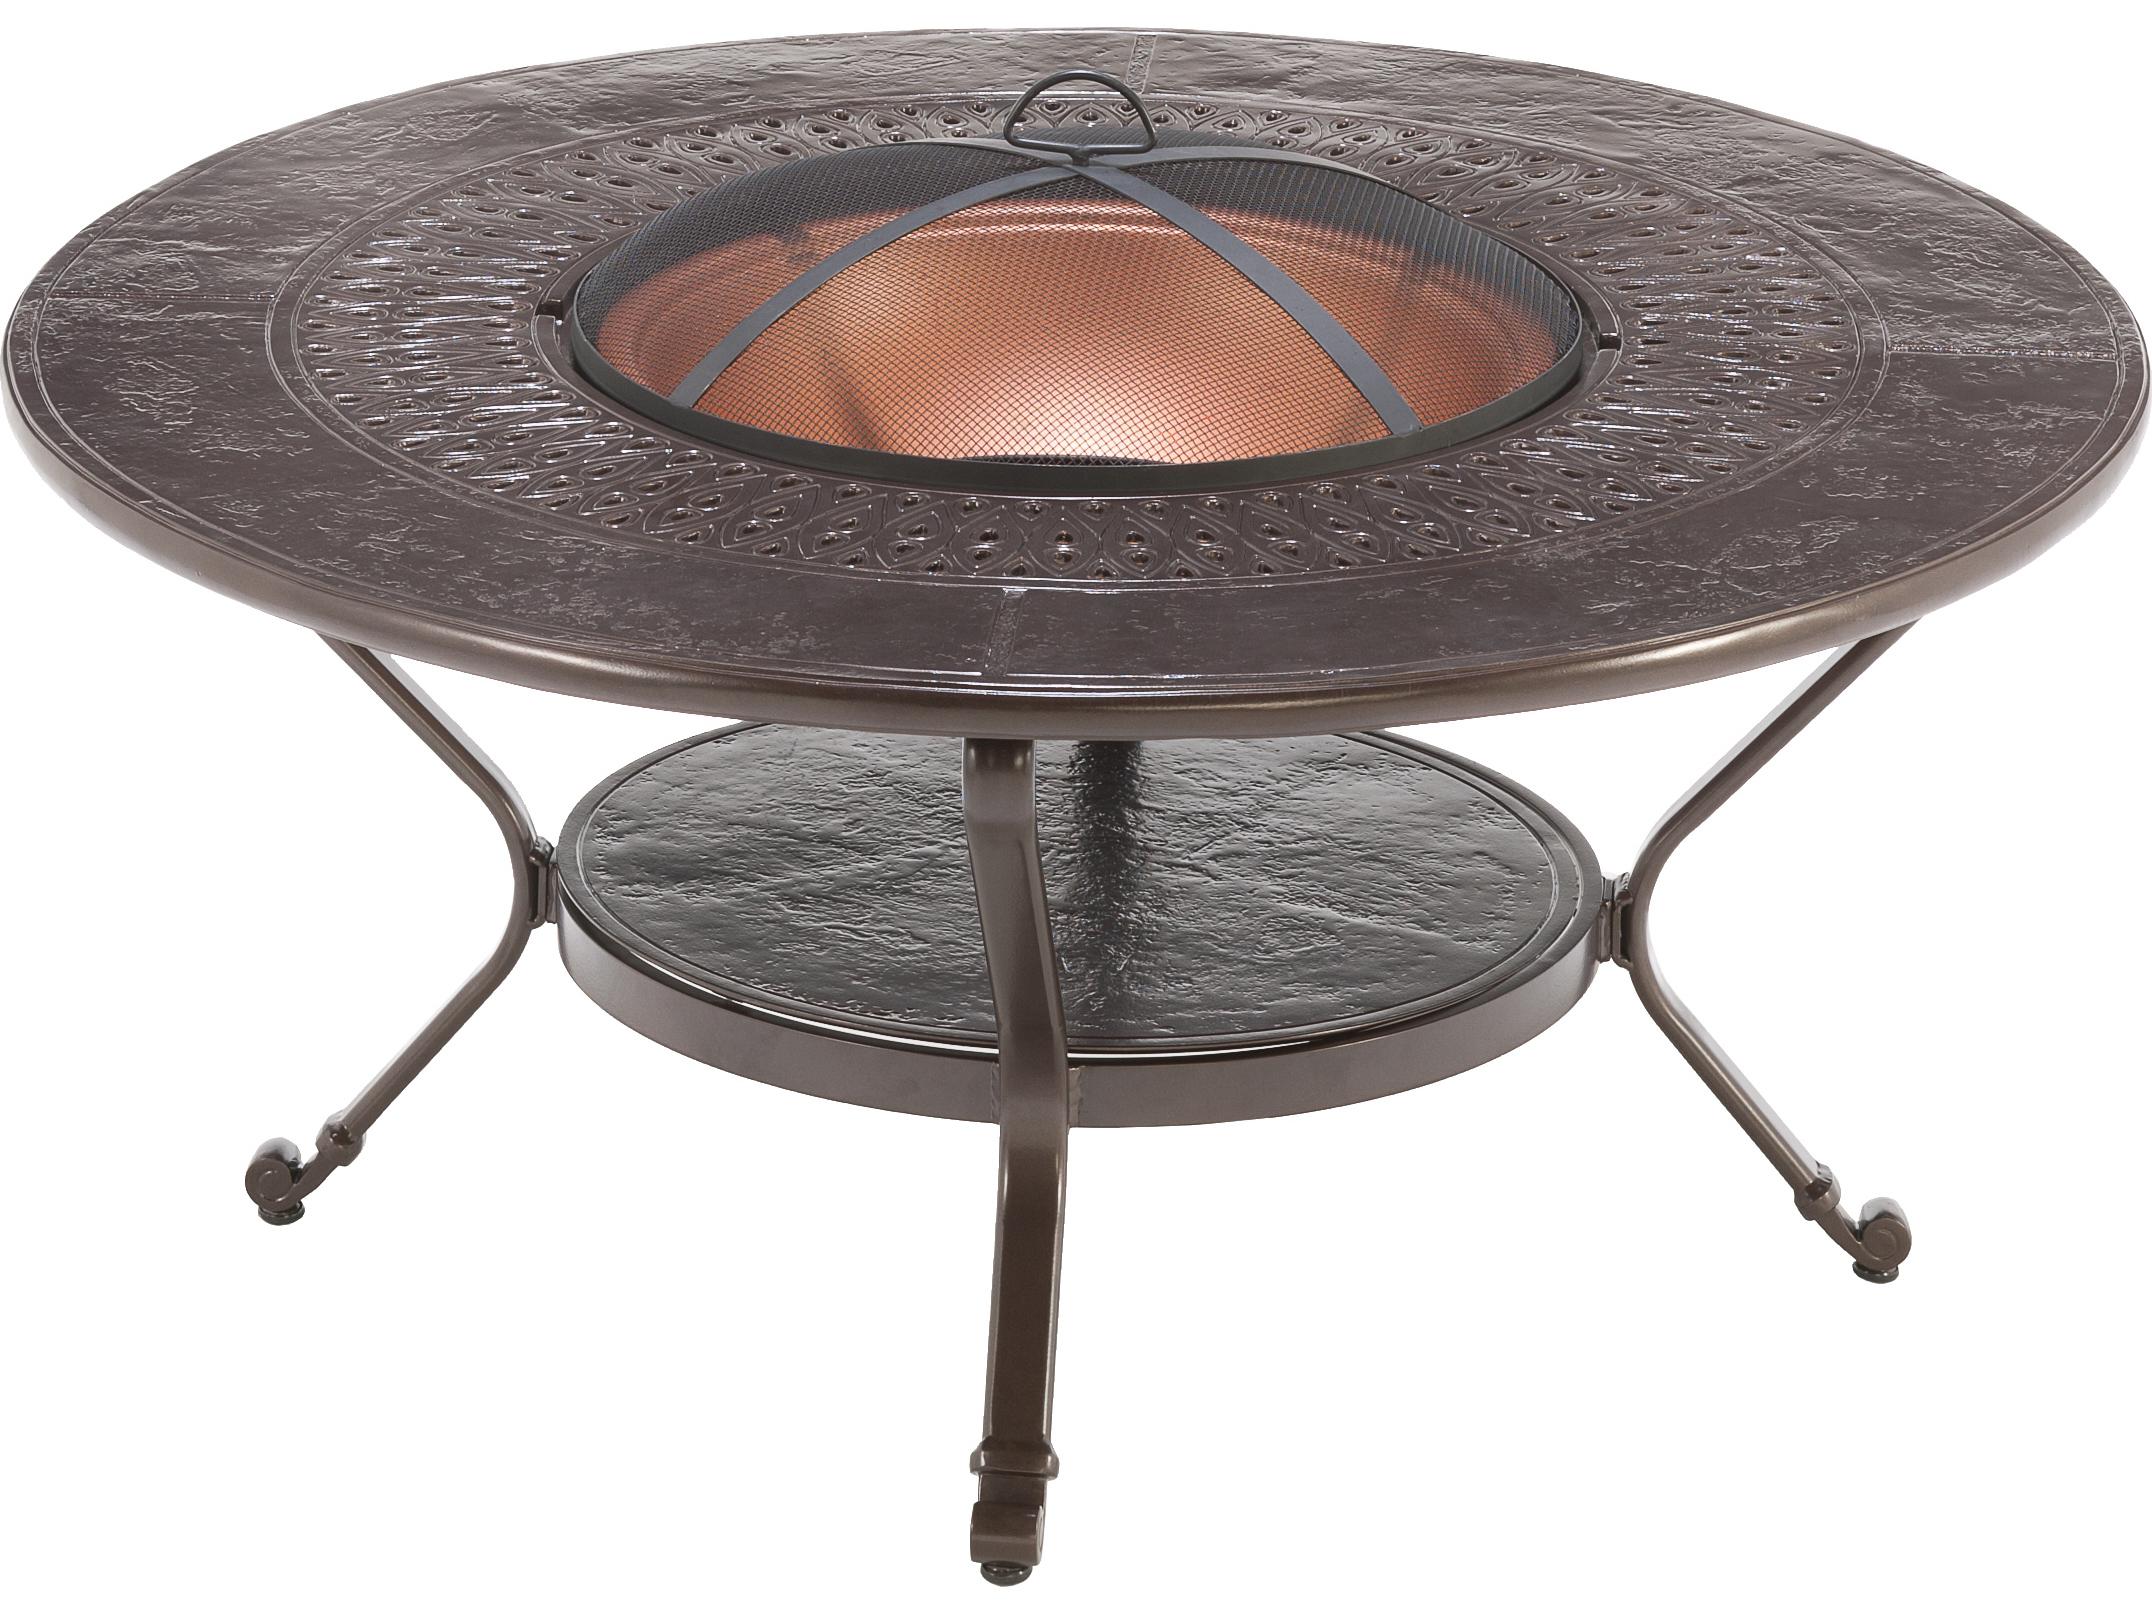 Winston Firepit Cast Aluminum 48 Round Metal Fire Pit